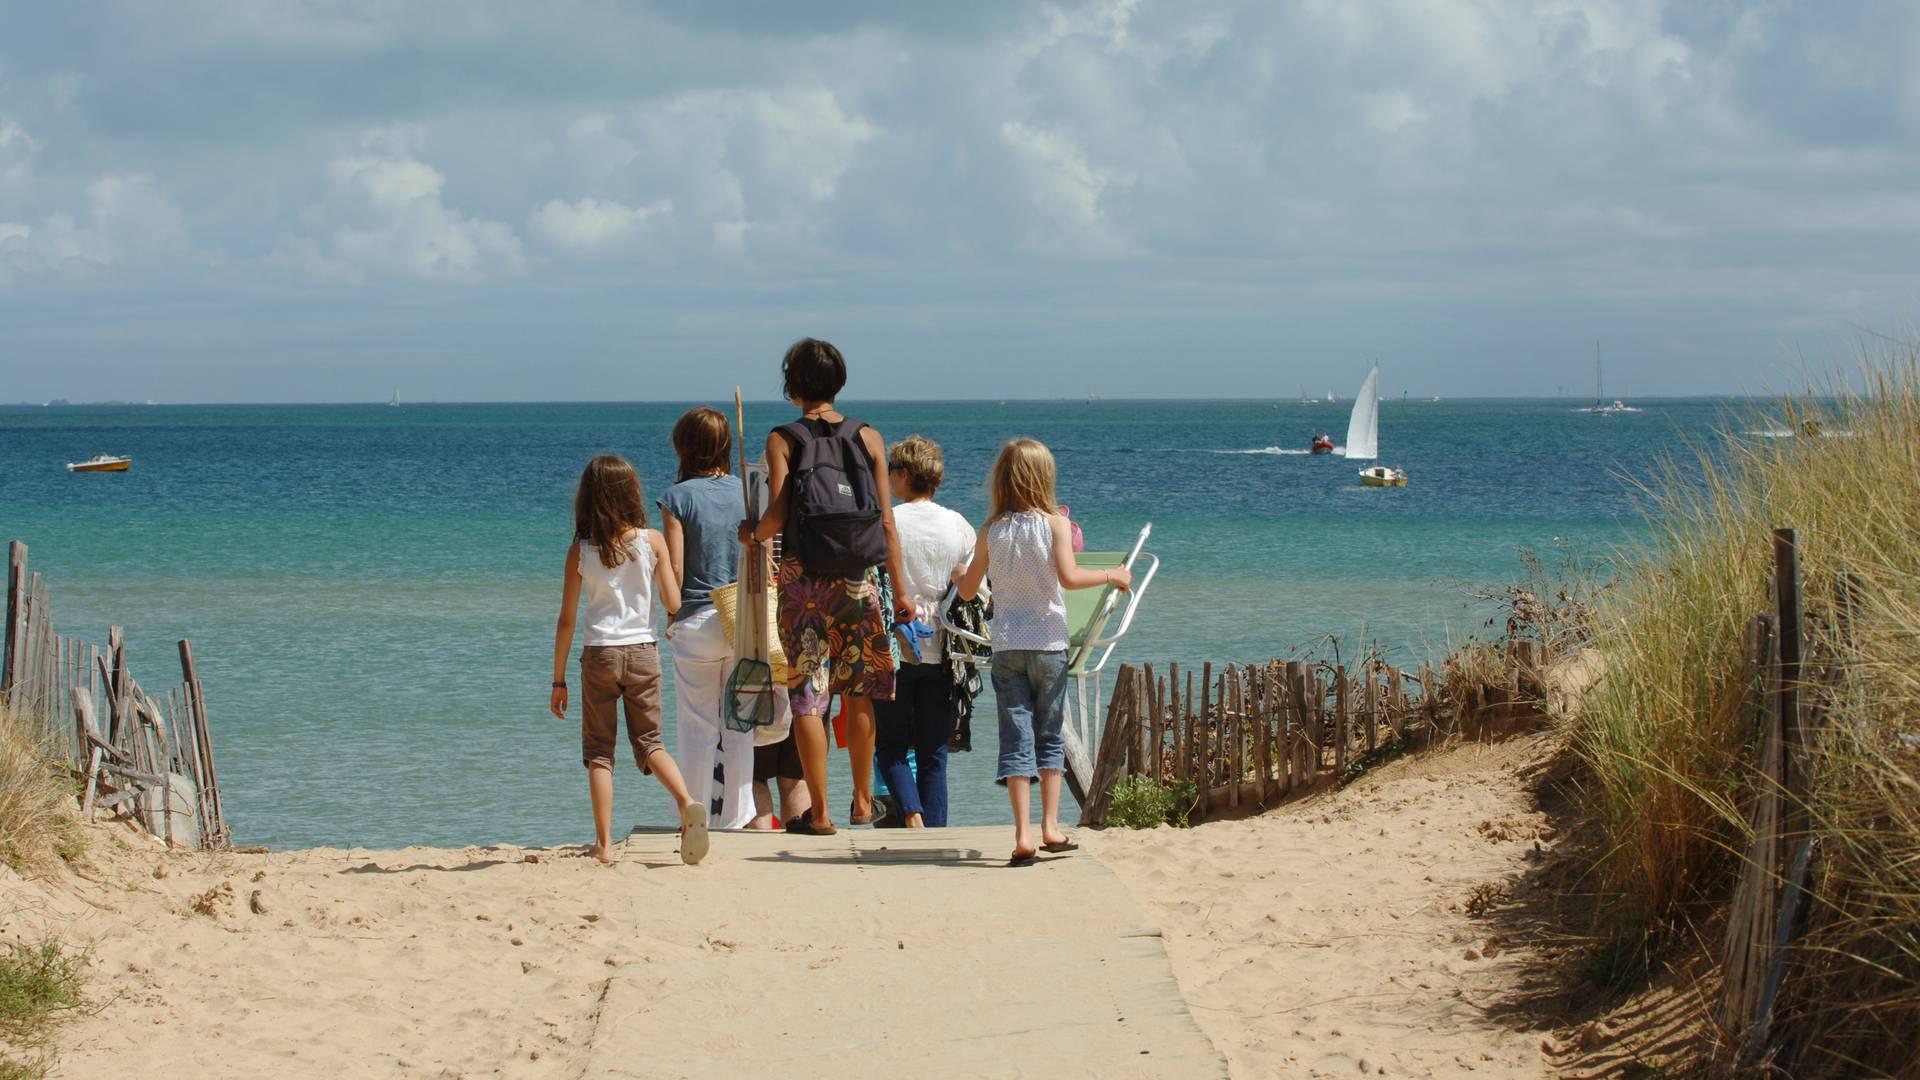 Location de vacances à l'Ile de Ré